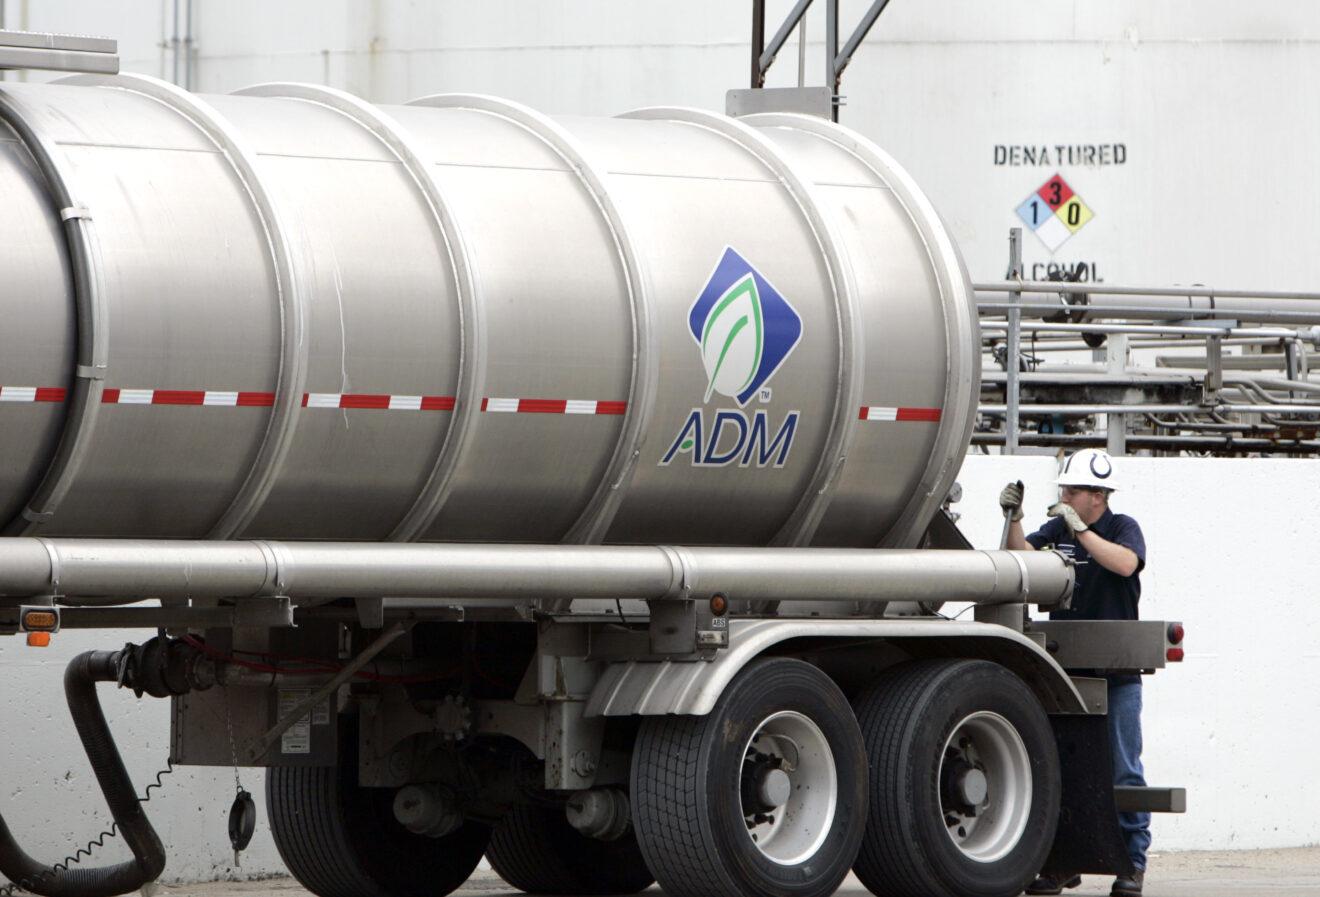 ADM y una fuerte apuesta a los biocombustibles para reducir sus emisiones de GEI